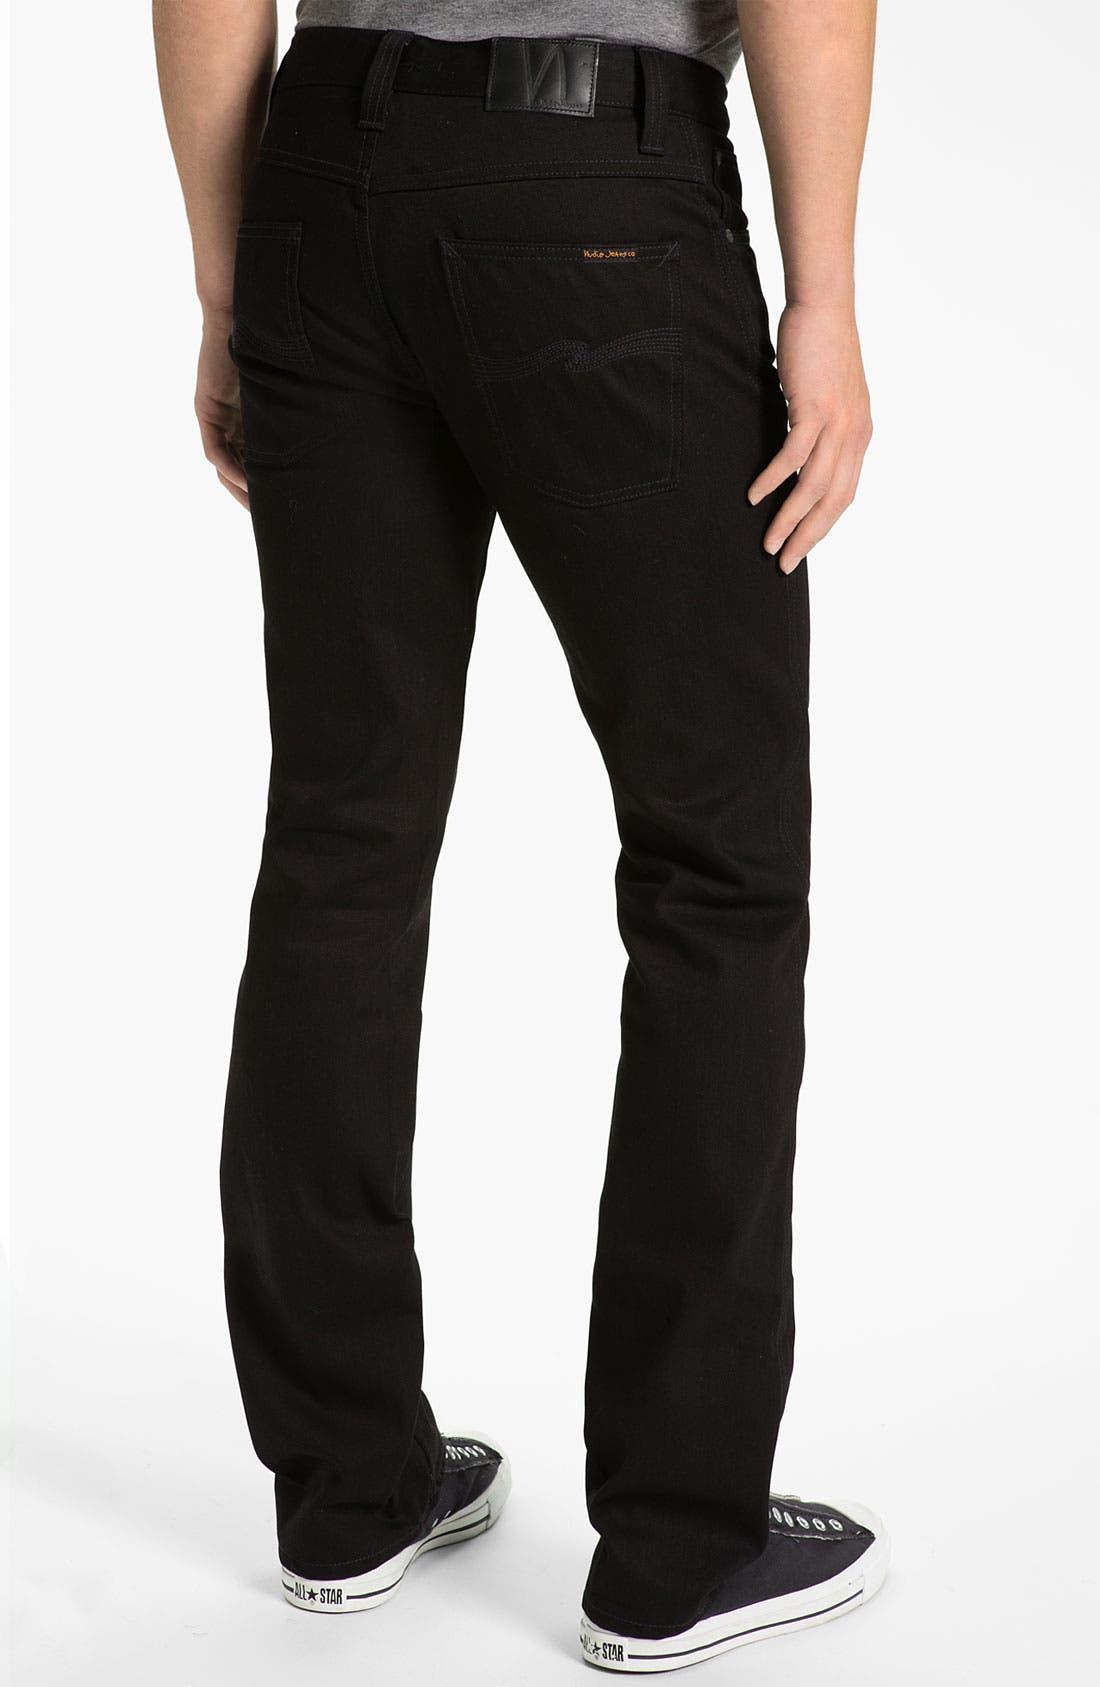 Alternate Image 1 Selected - Nudie Jeans 'Slim Jim' Slim Fit Jeans (Organic Dry Black)